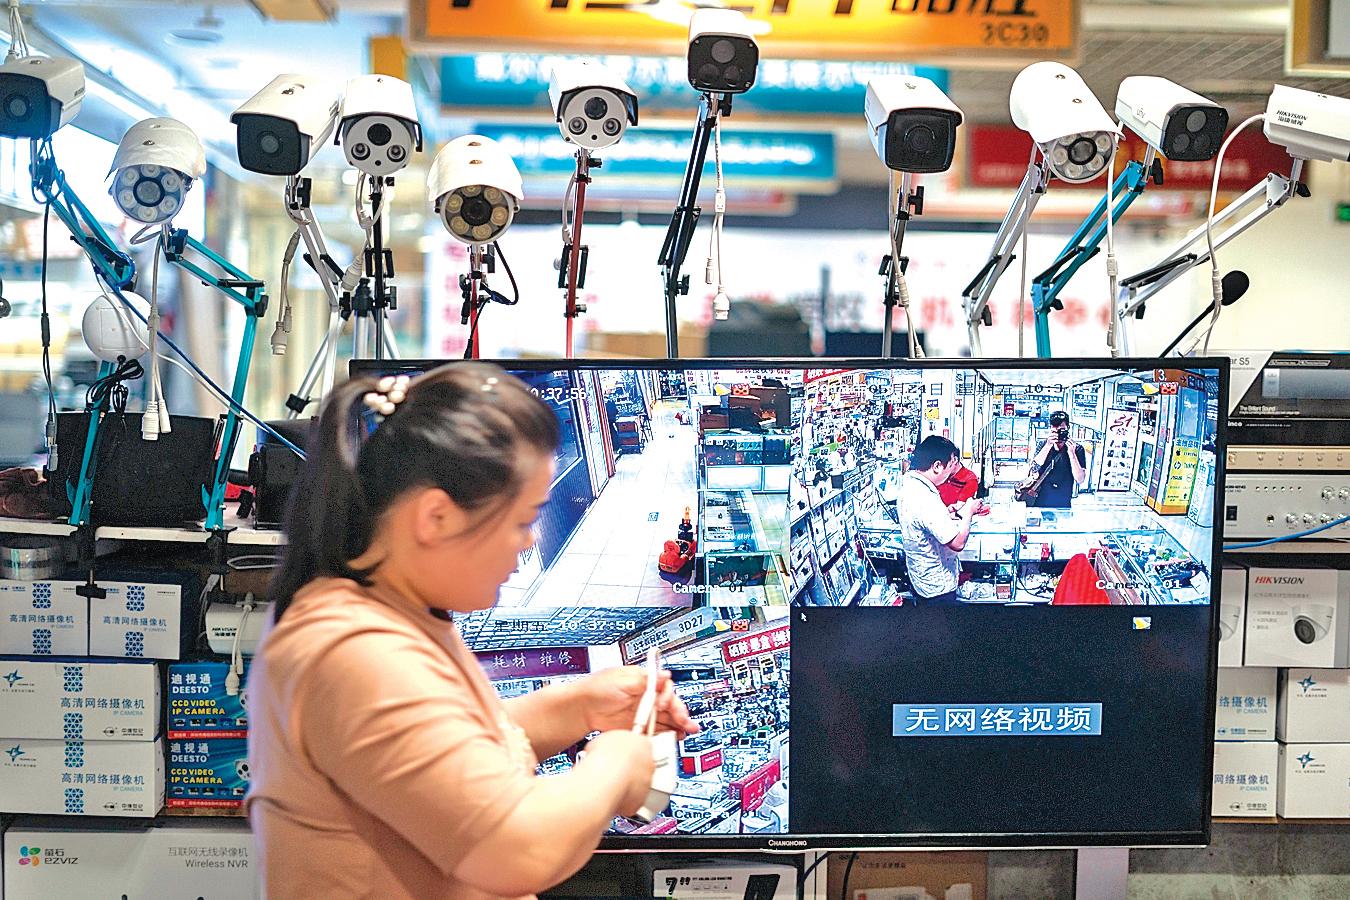 中共向海外輸出監控技術的同時,從某種意義上也是在輸出其集權化的體制。(AFP)